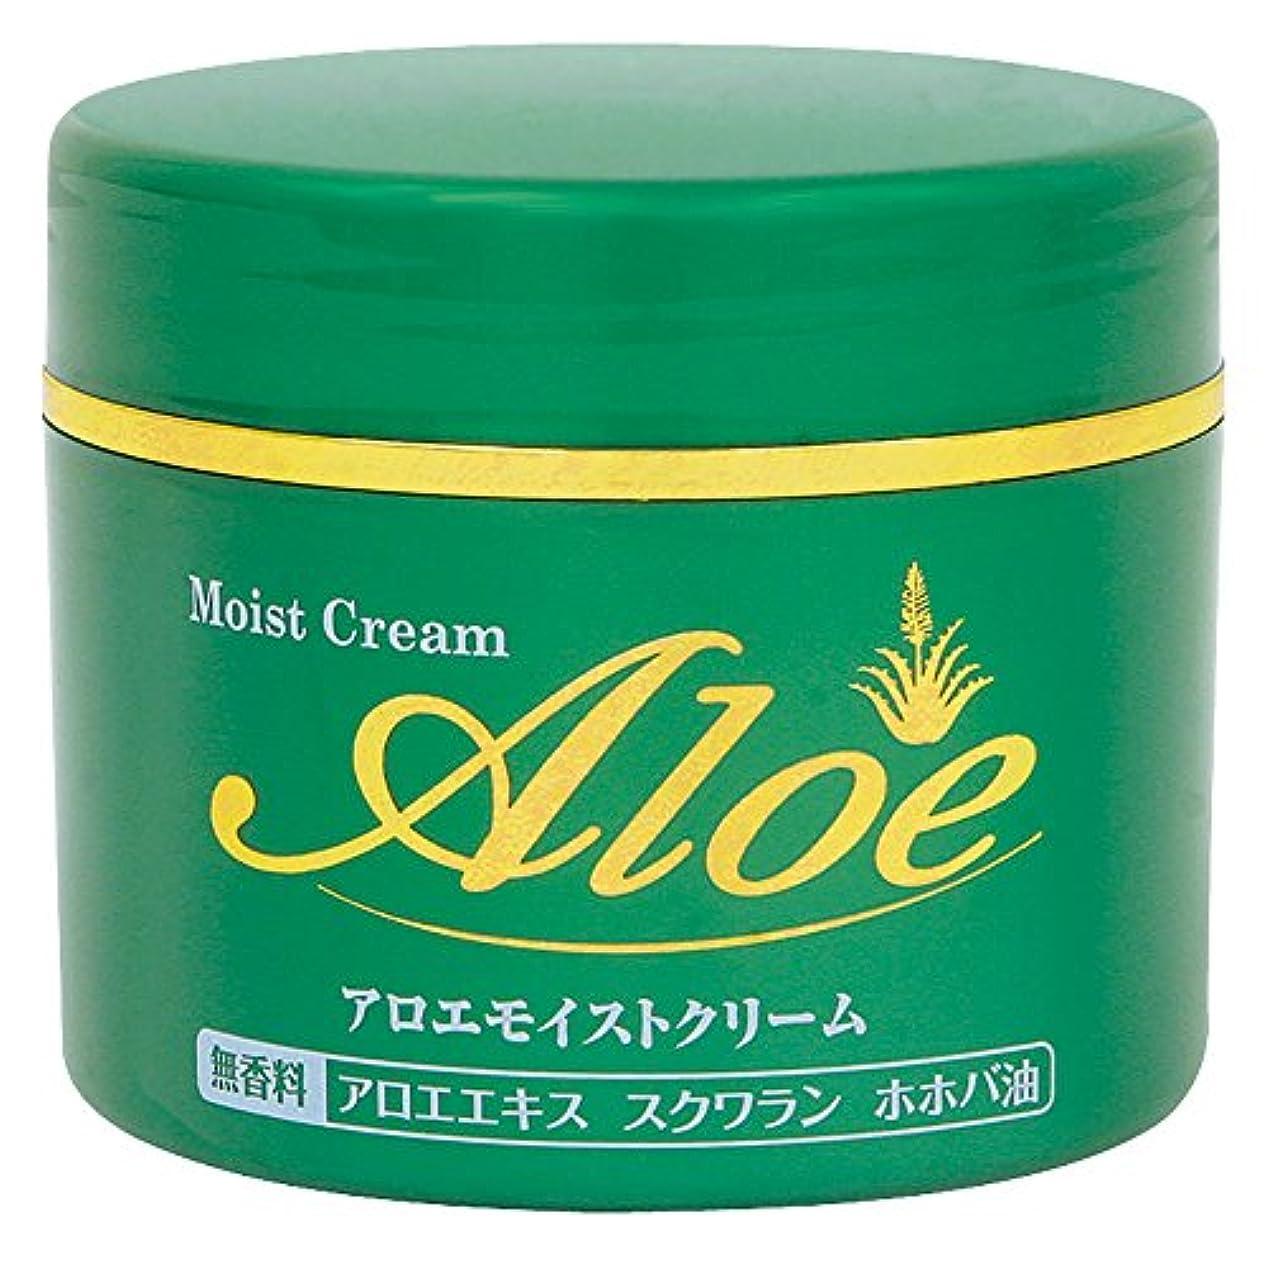 ハーネス二度どこでも井藤漢方製薬 アロエモイストクリーム 160g (アロエクリーム 化粧品)